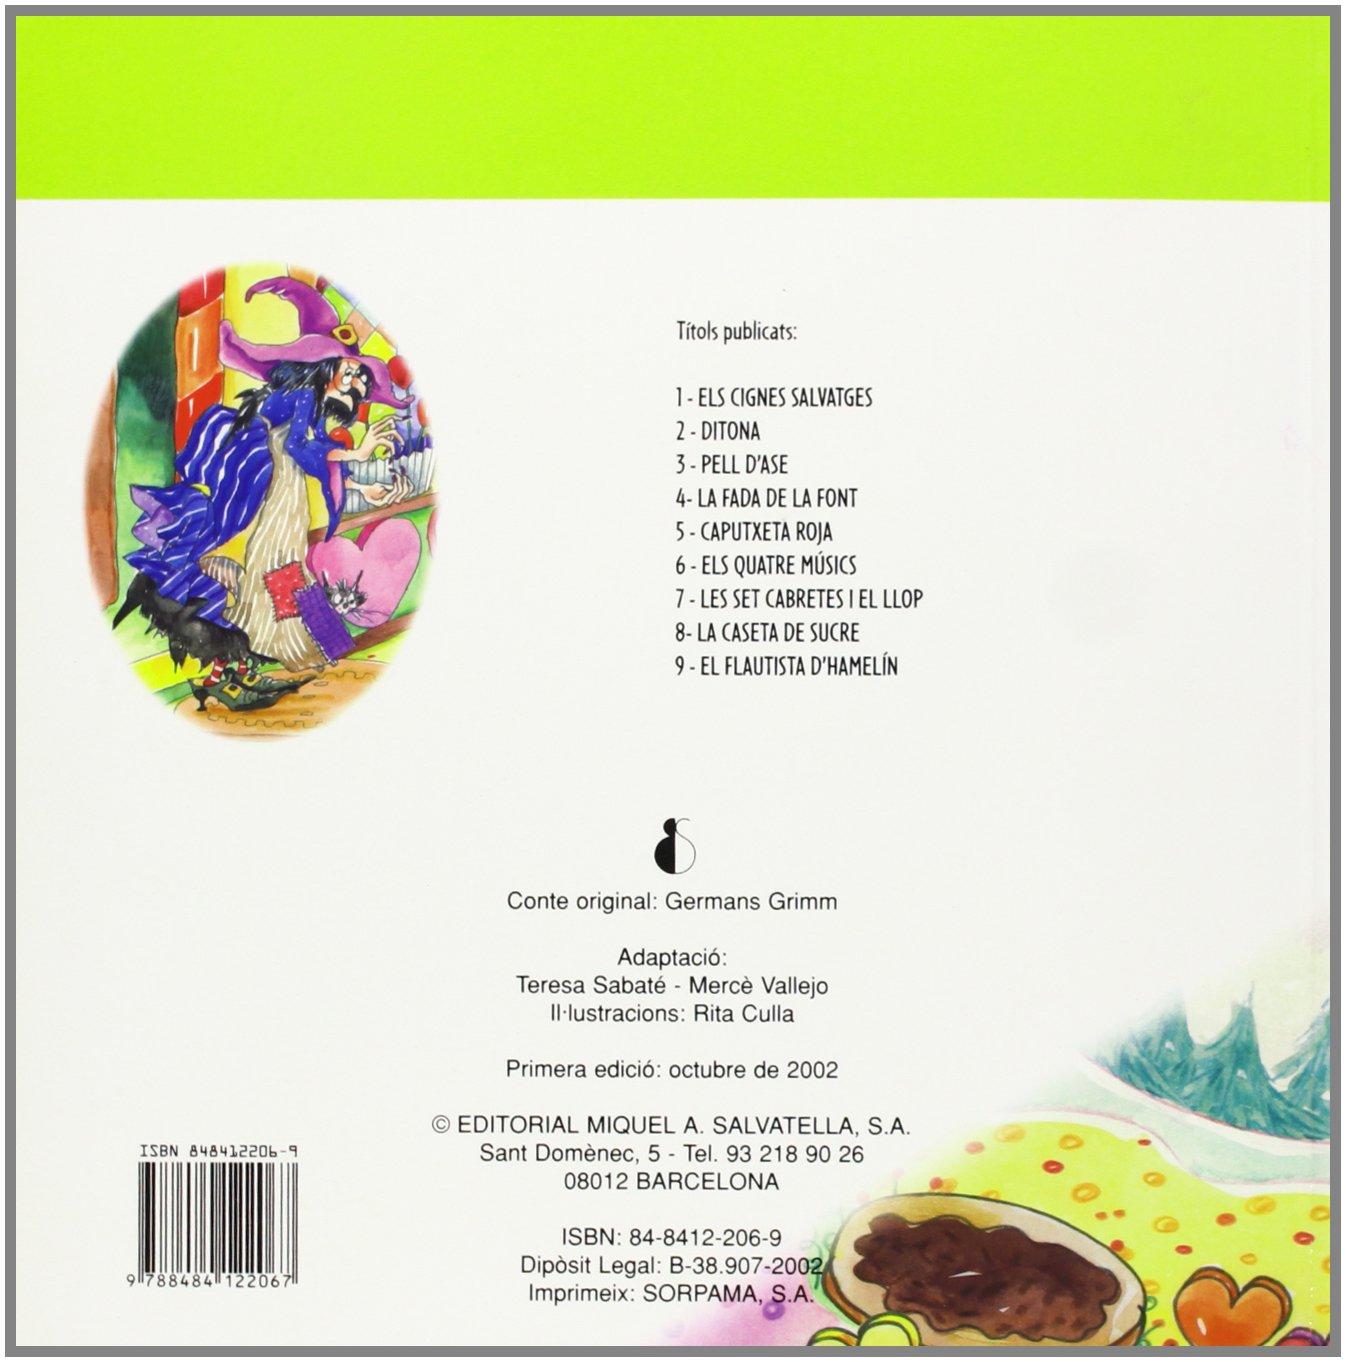 La caseta de sucre: Clàssic 8 (Clàssics): Amazon.es: Teresa Sabaté Rodié: Libros